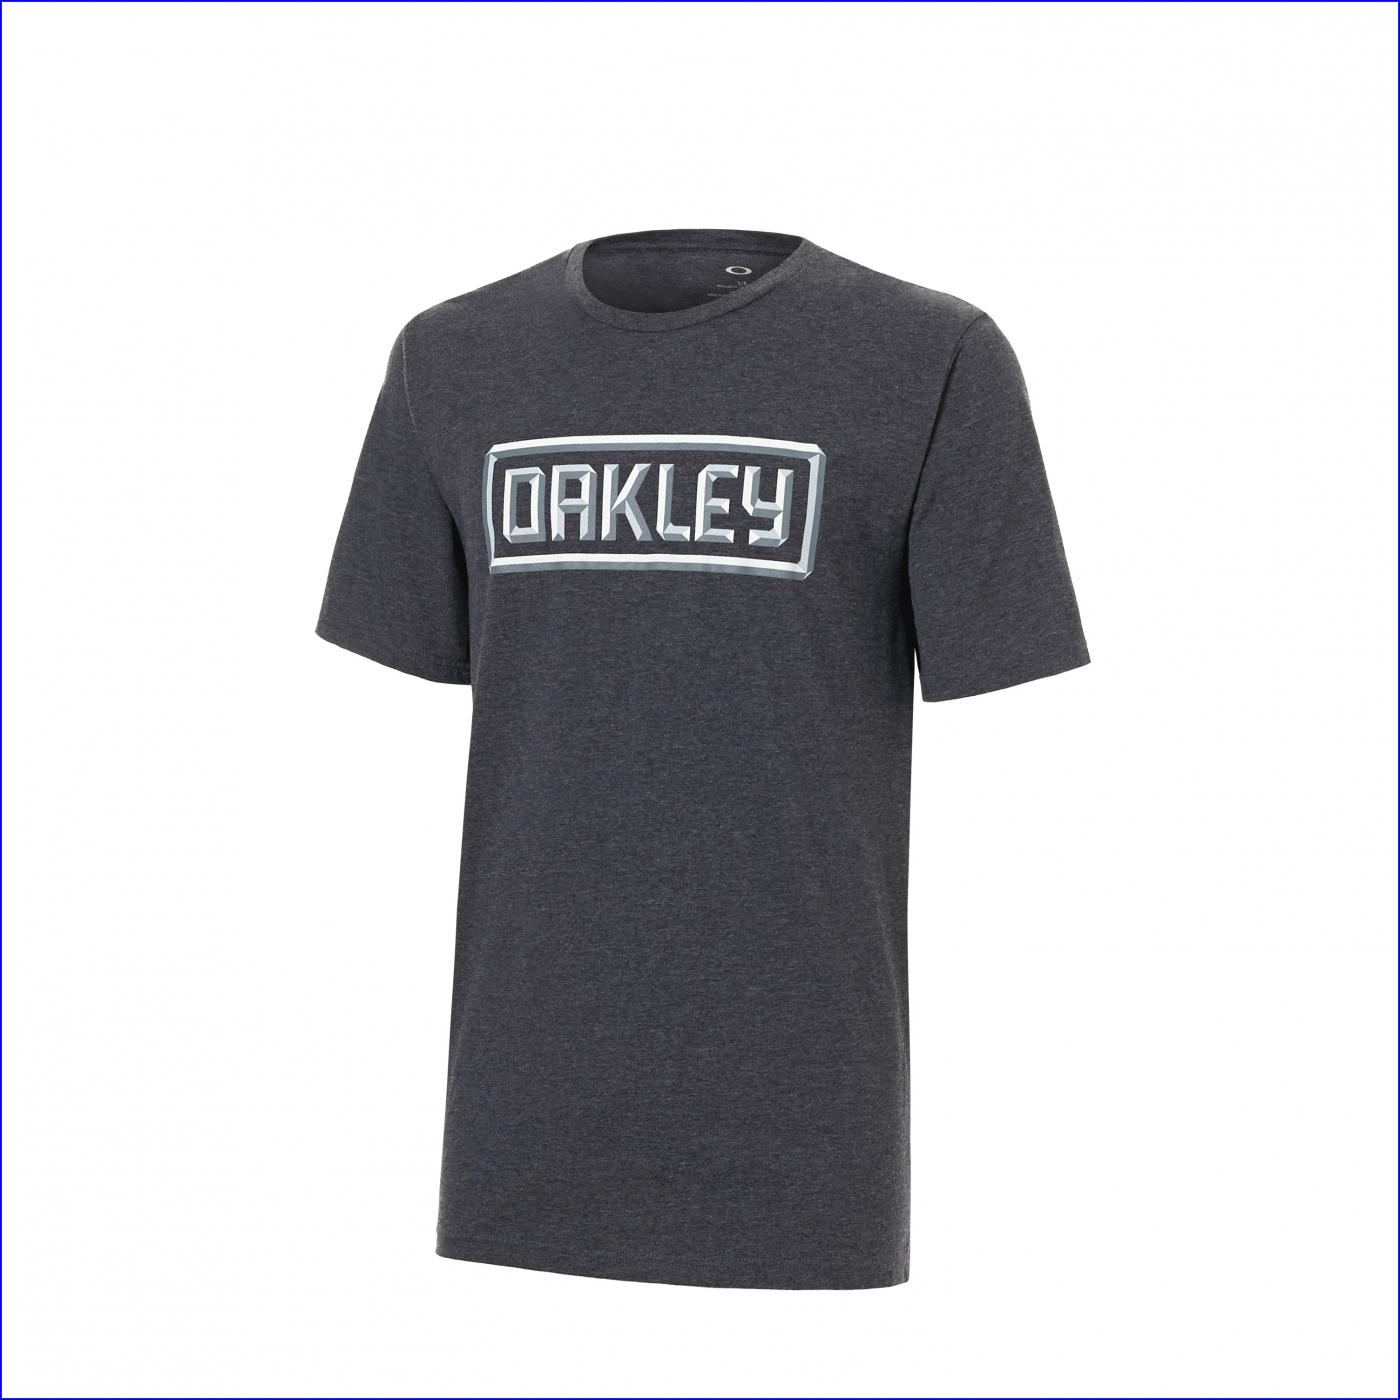 13c816046 Přidat do košíku. OAKLEY triko 50-3D OAKLEY blackout light heather